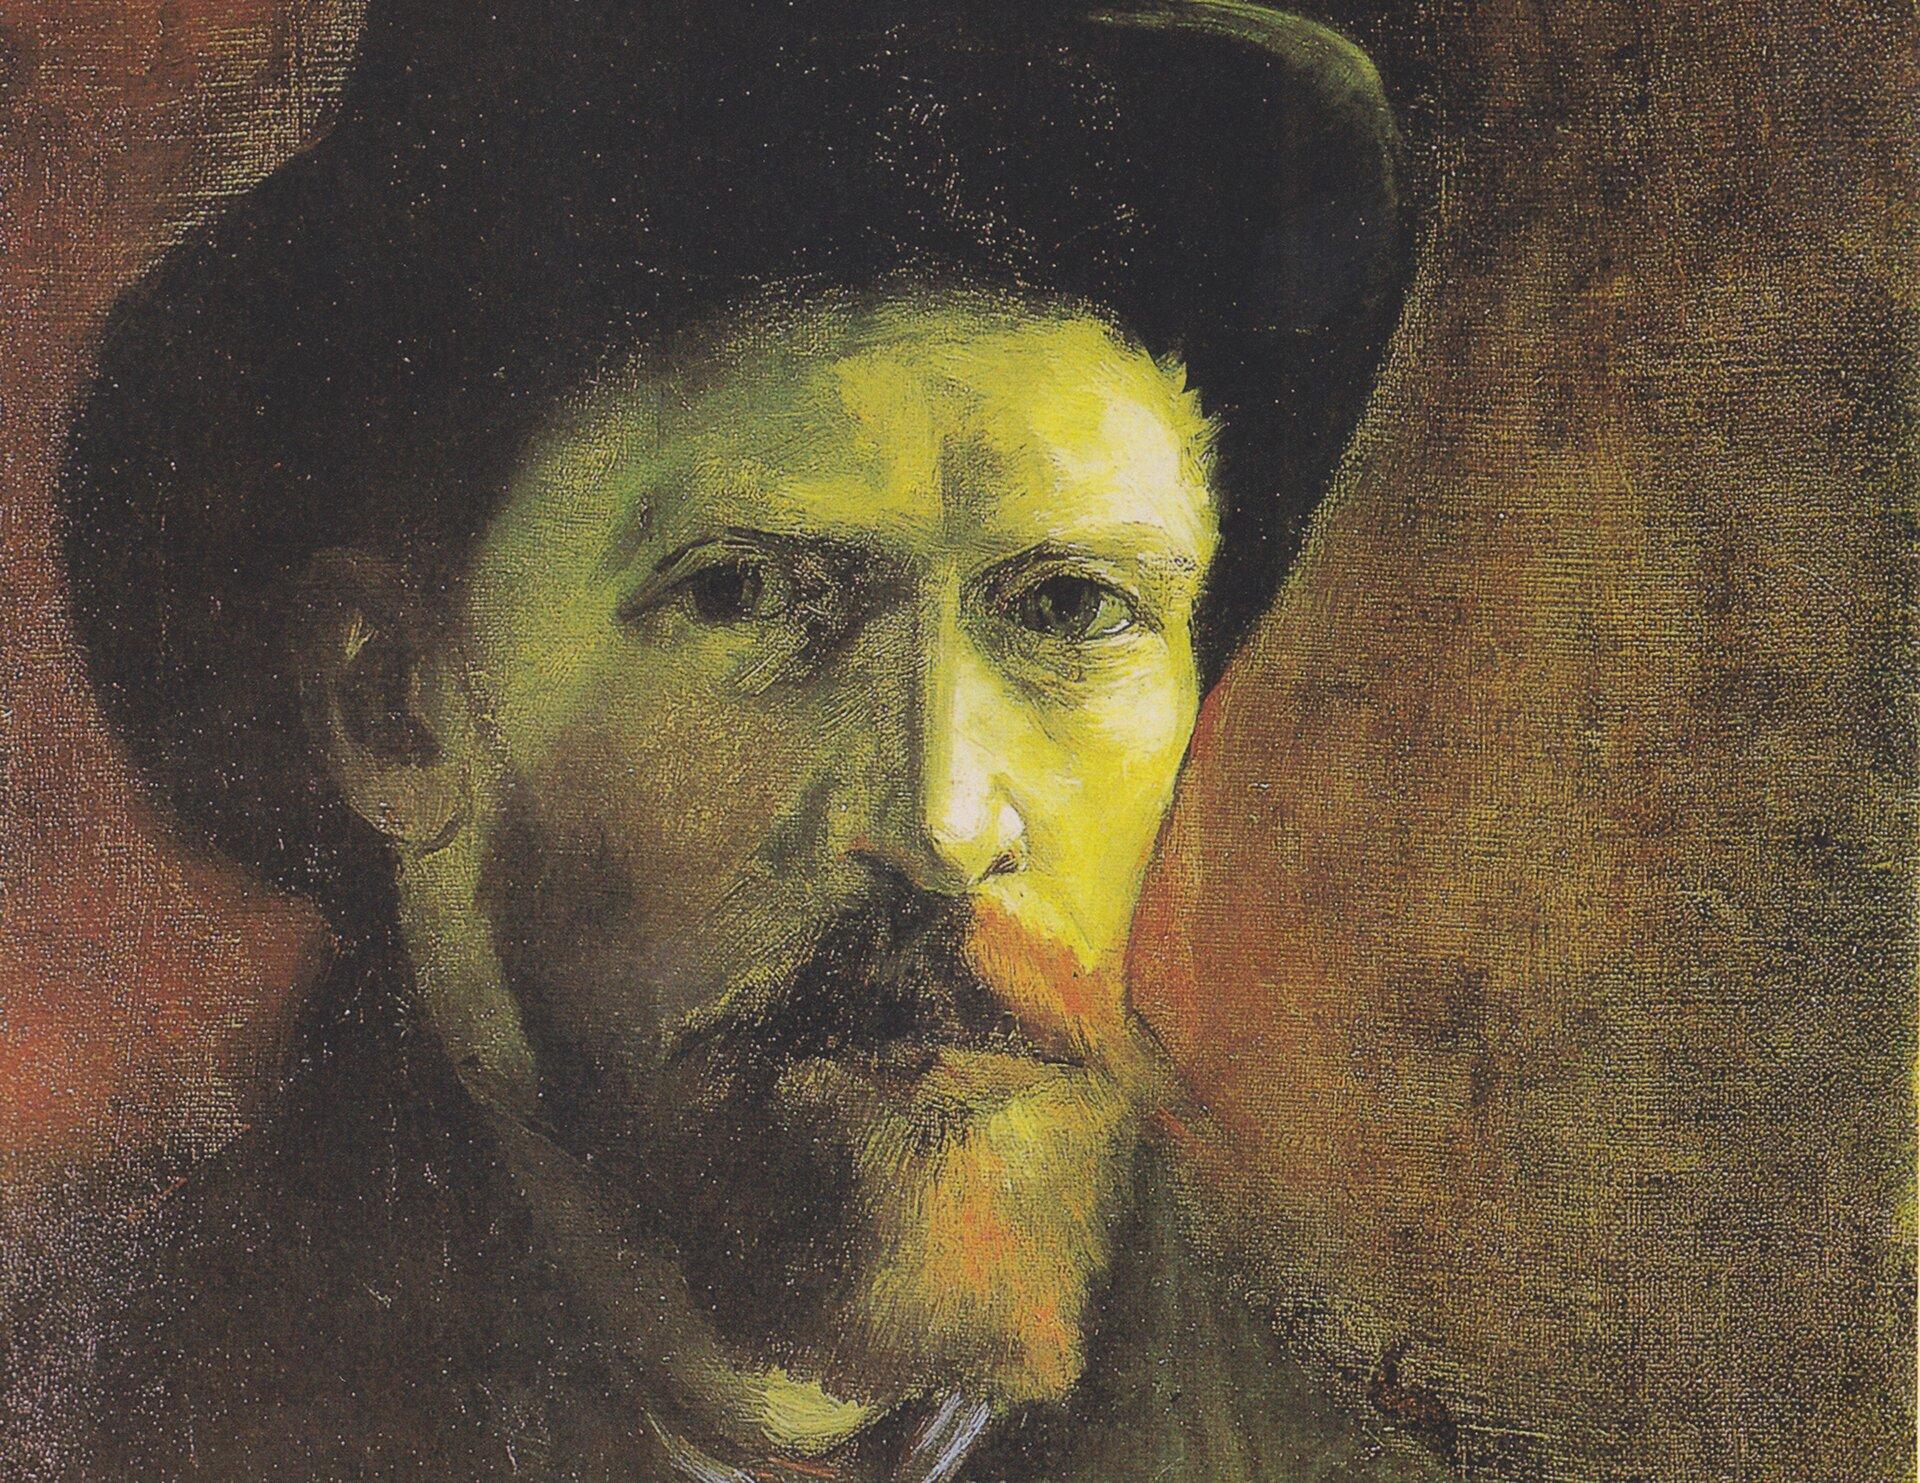 Autoportret wfilcowym kapeluszu Źródło: Vincent van Gogh, Autoportret wfilcowym kapeluszu, 1886, olej na płótnie, domena publiczna.